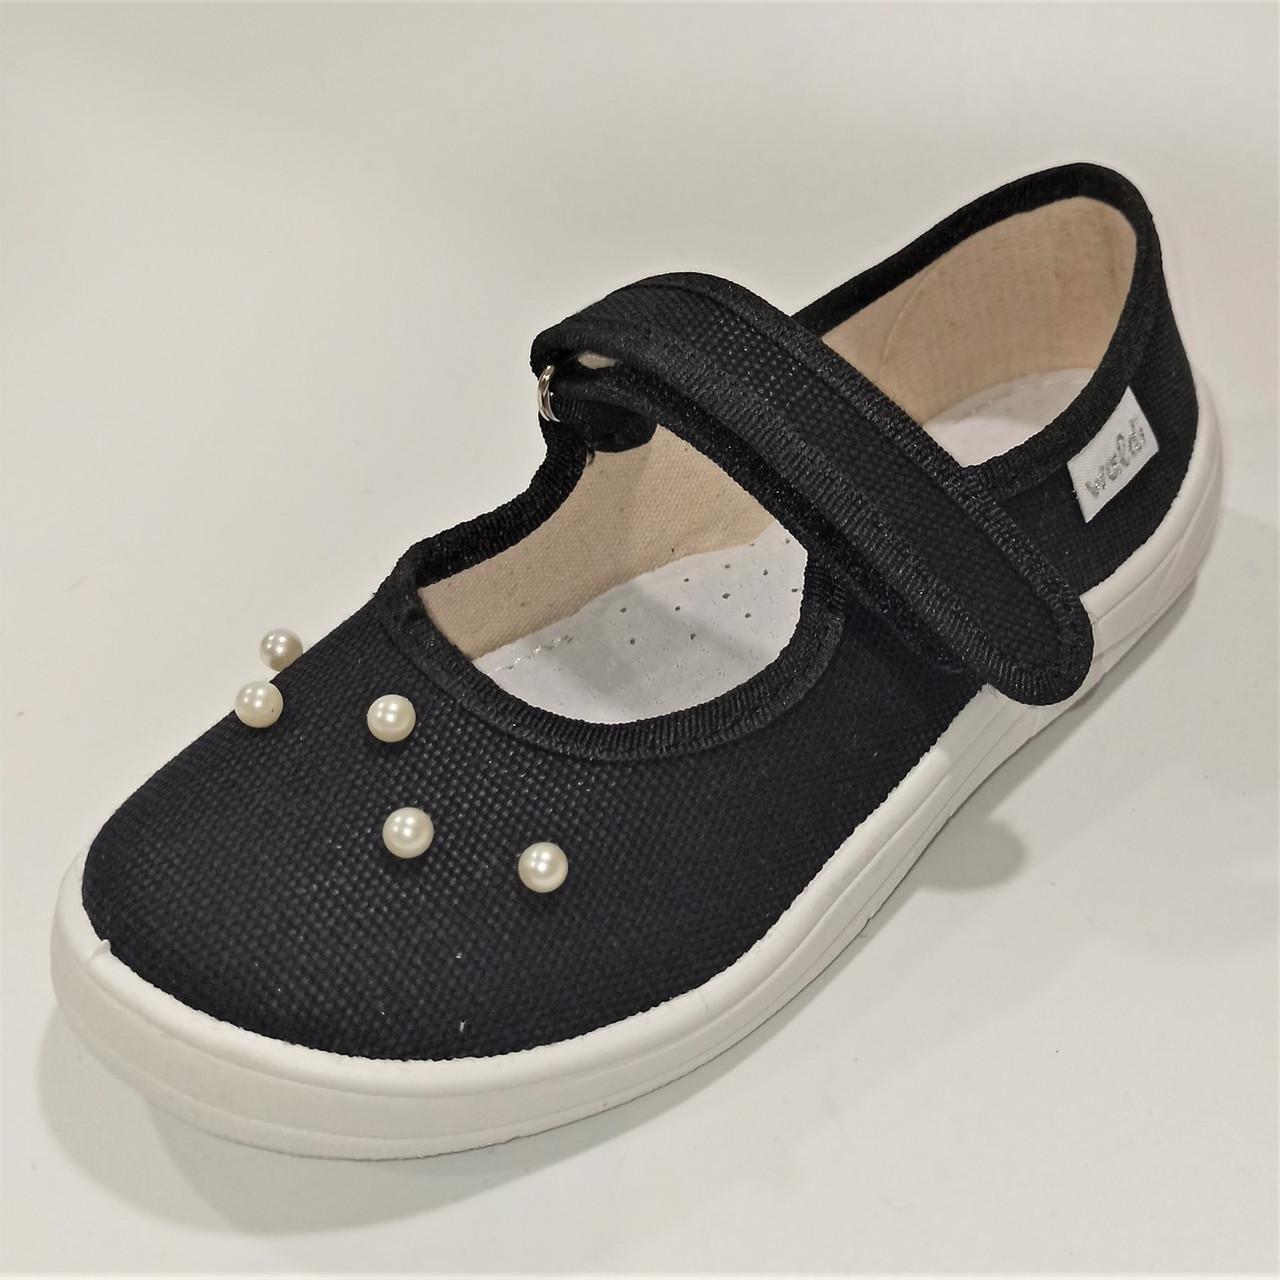 Тканинні туфлі на дівчинку з перлинами, Waldi розміри: 30-32